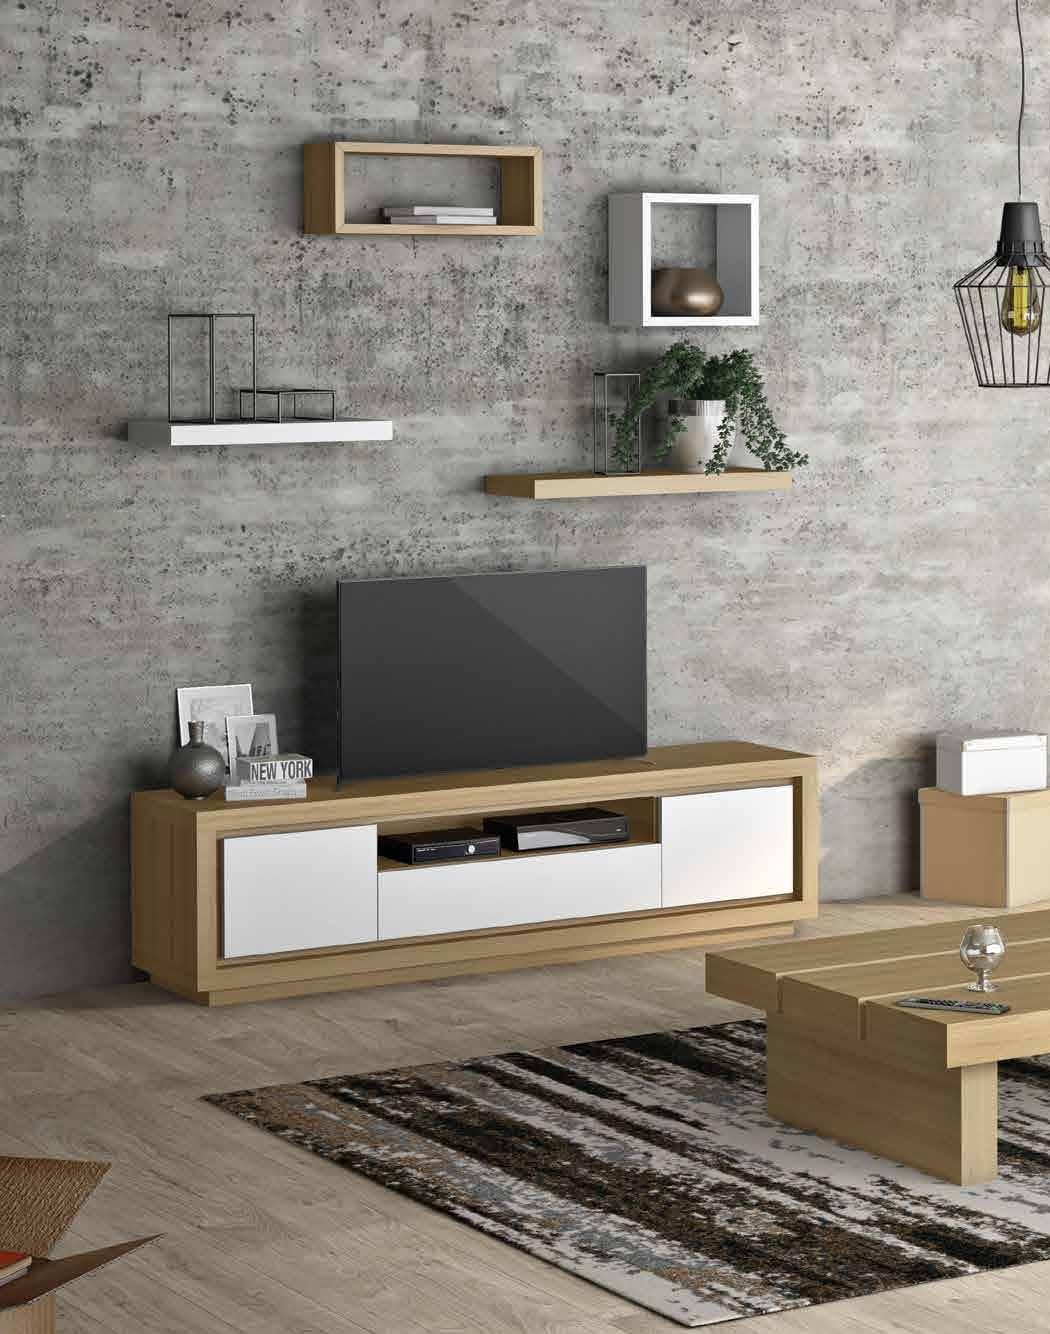 Mesa de TV colección Terra TV03 - Mesa de TV colección Terra TV03, La mezcla de laca y roble aporta serenidad a este mueble. Acabados Roble Tostado con laca Blanco Roto.